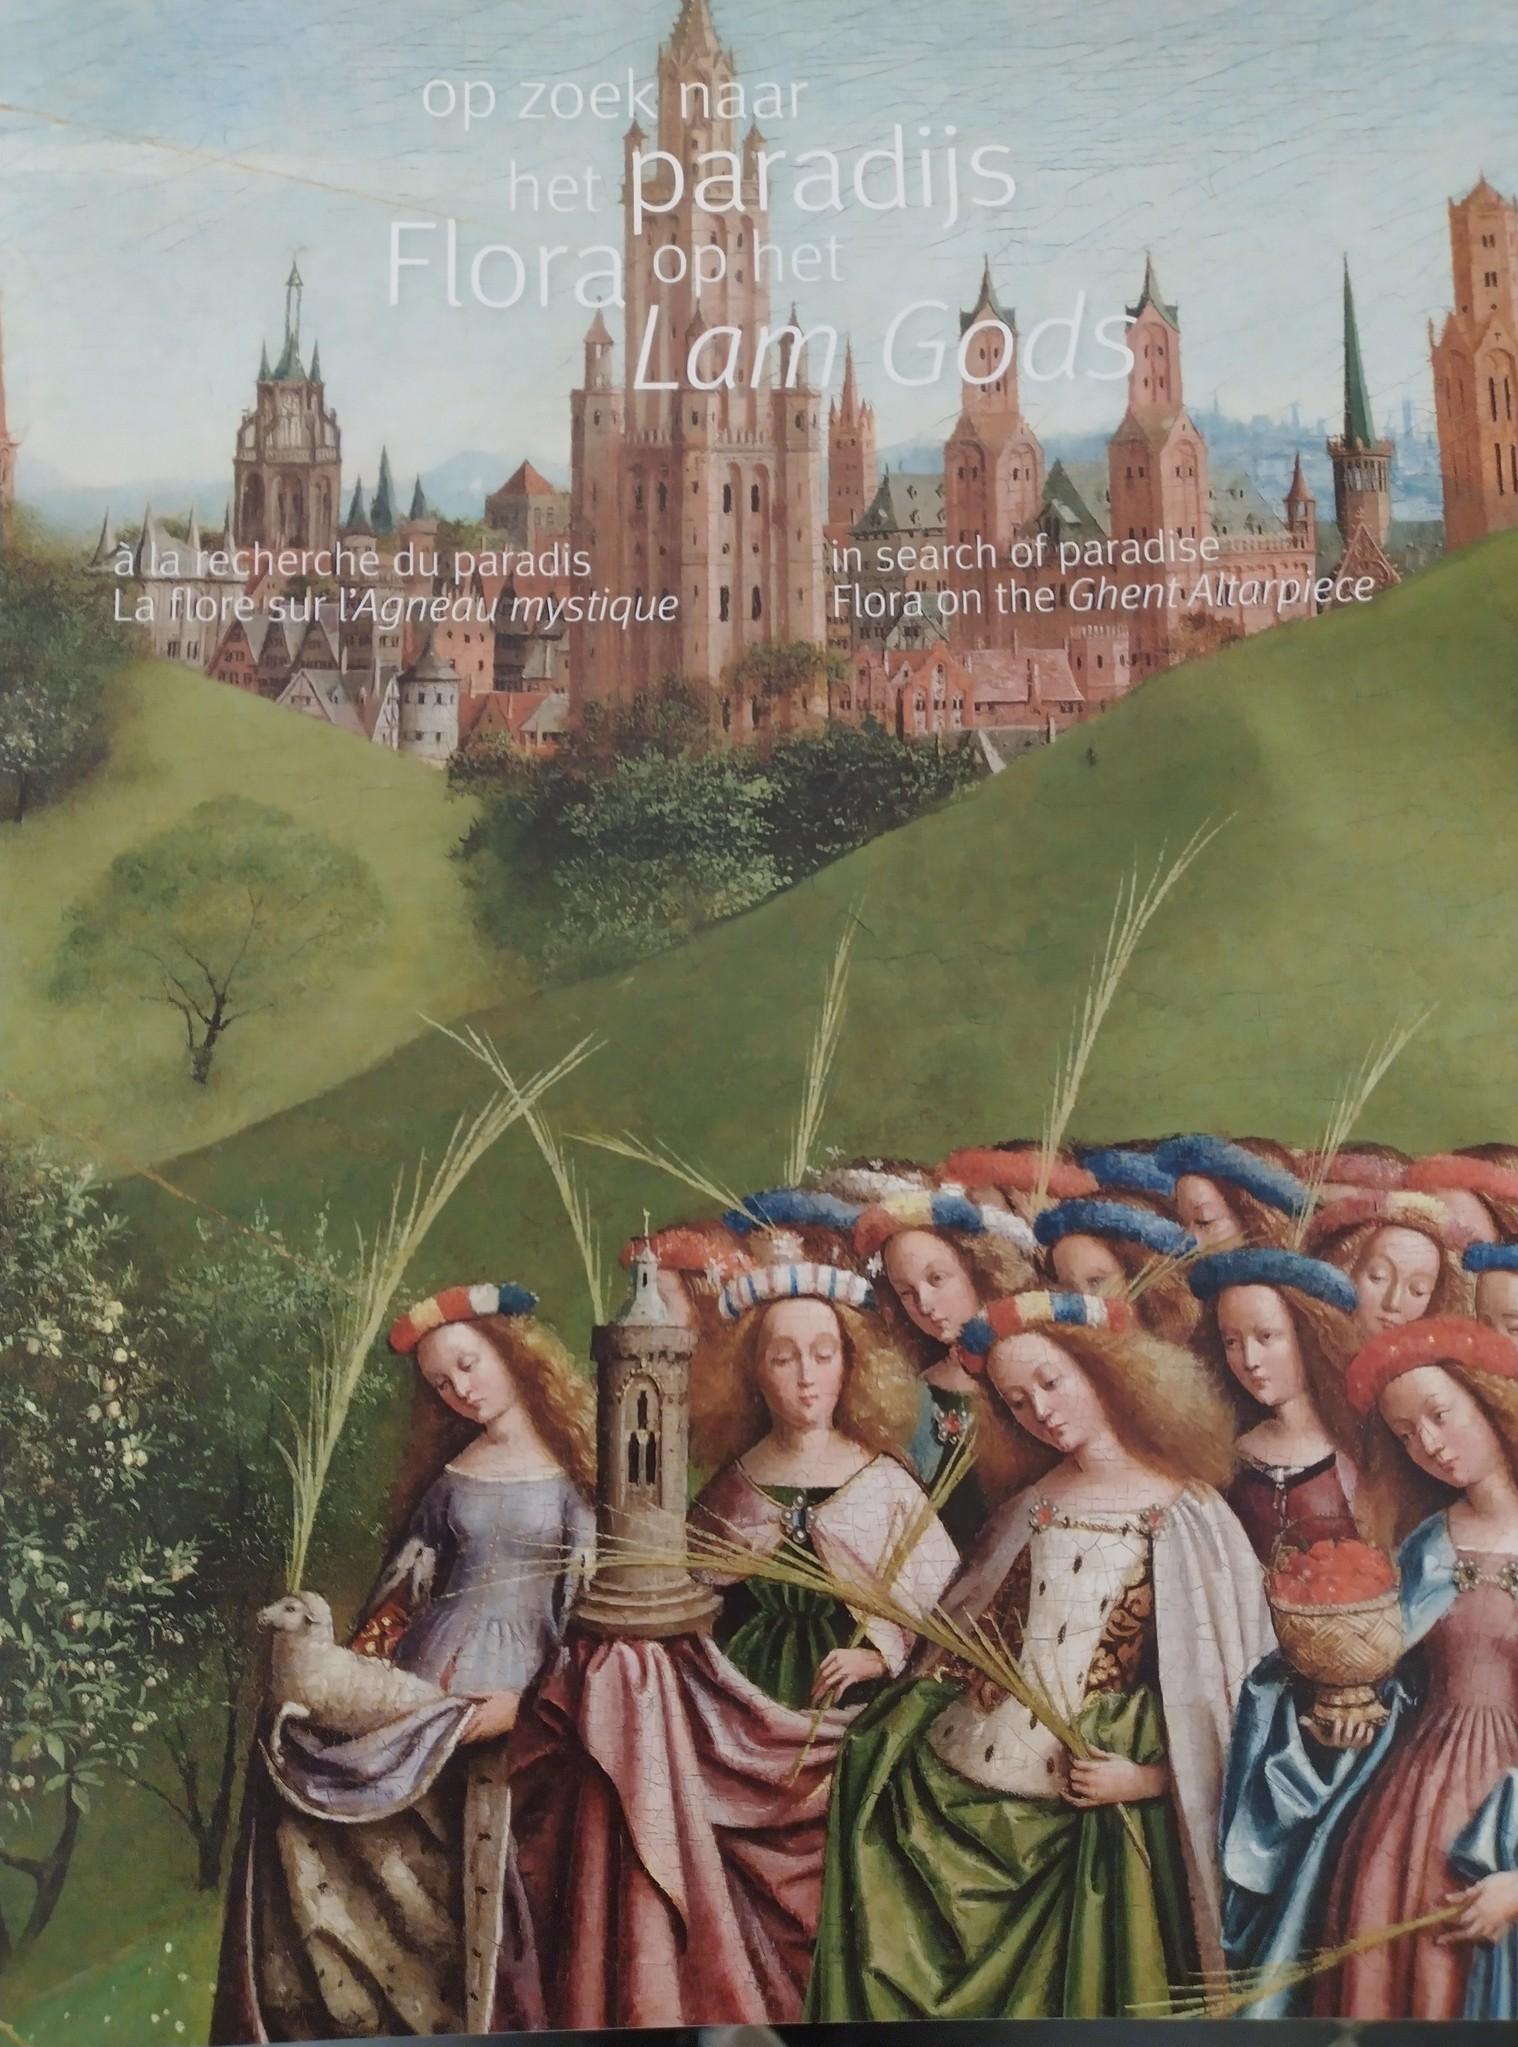 Provincie Oost-Vlaanderen Op zoek naar het paradijs. Flora op het Lam Gods - Hilde Van Crombrugge en Paul Van den Bremt